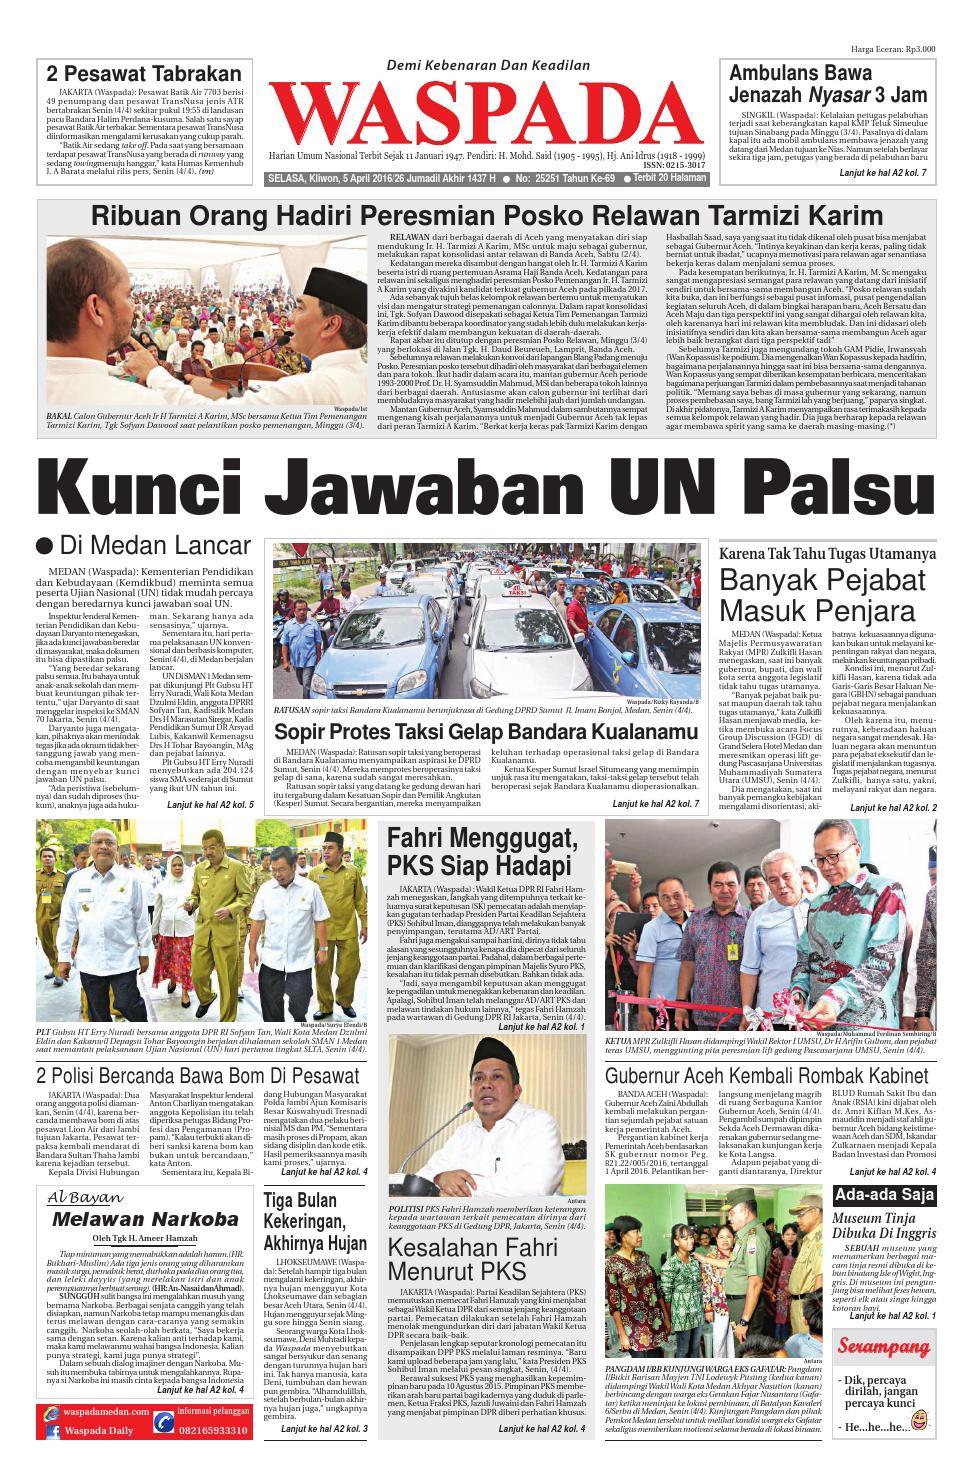 Waspada, selasa 5 april 2016 by Harian Waspada - issuu